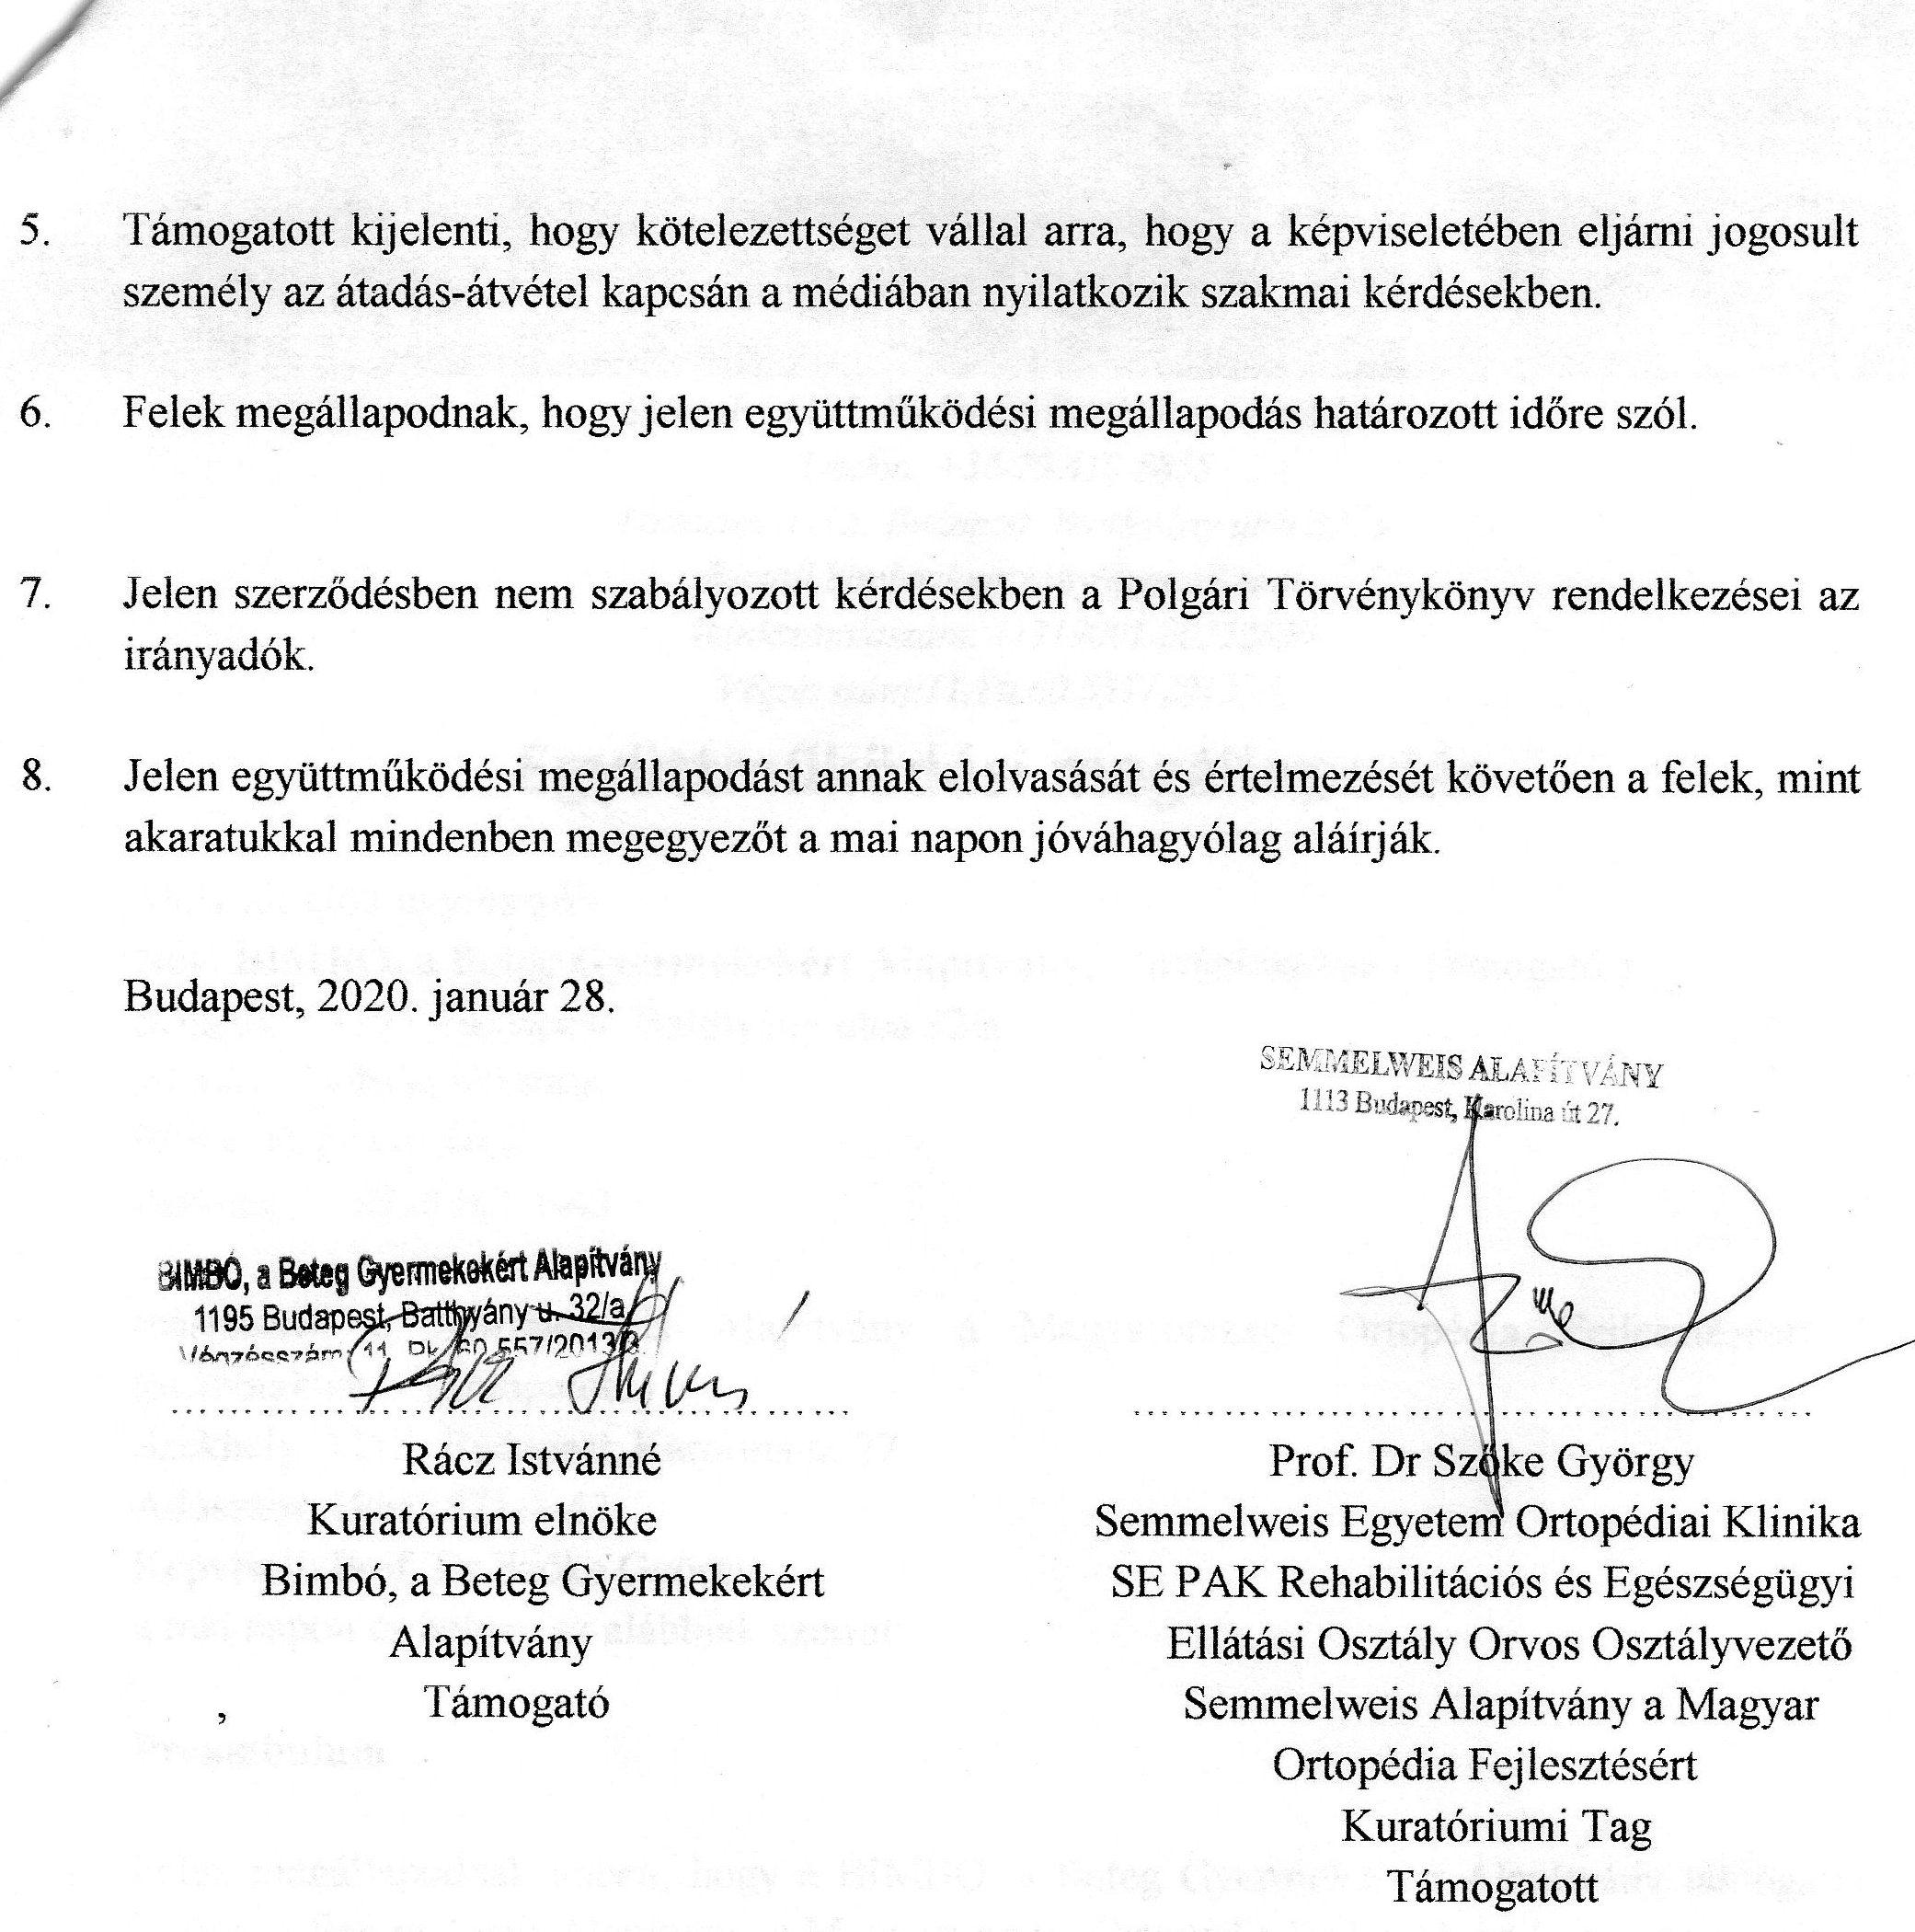 SOTE Gyermekortopédia együttműködés 2020 2.old